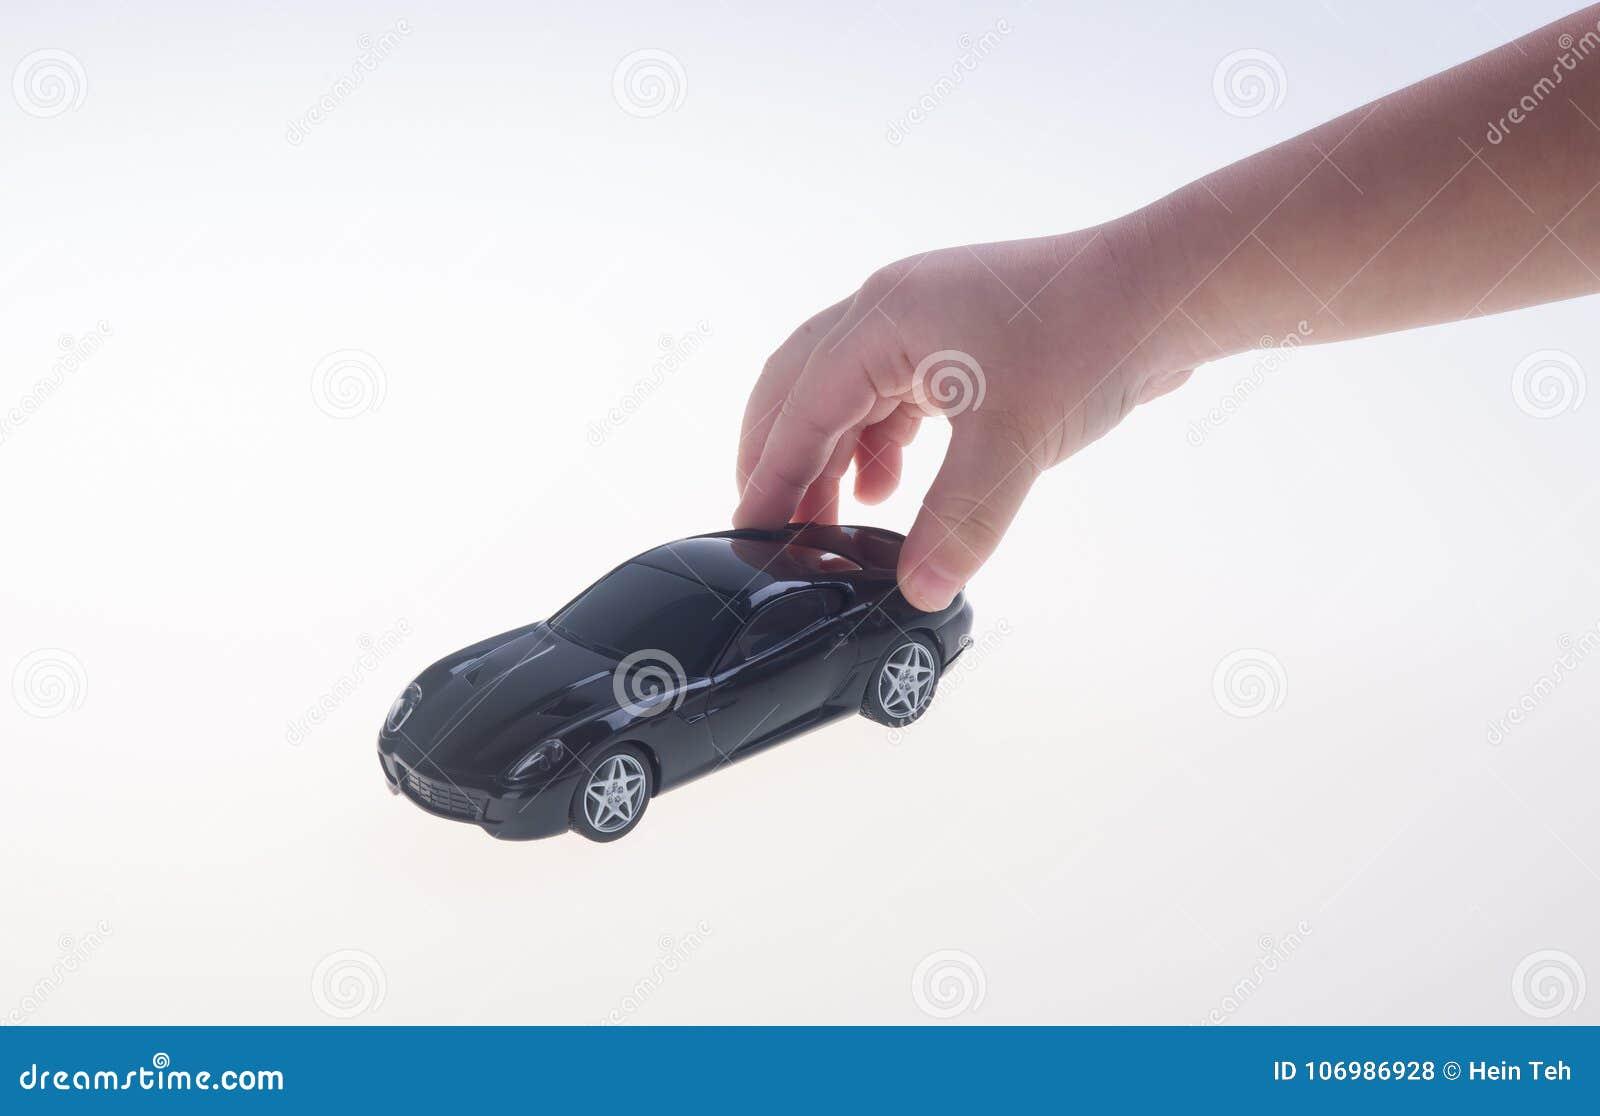 Toy stuk speelgoed auto met hand op de achtergrond